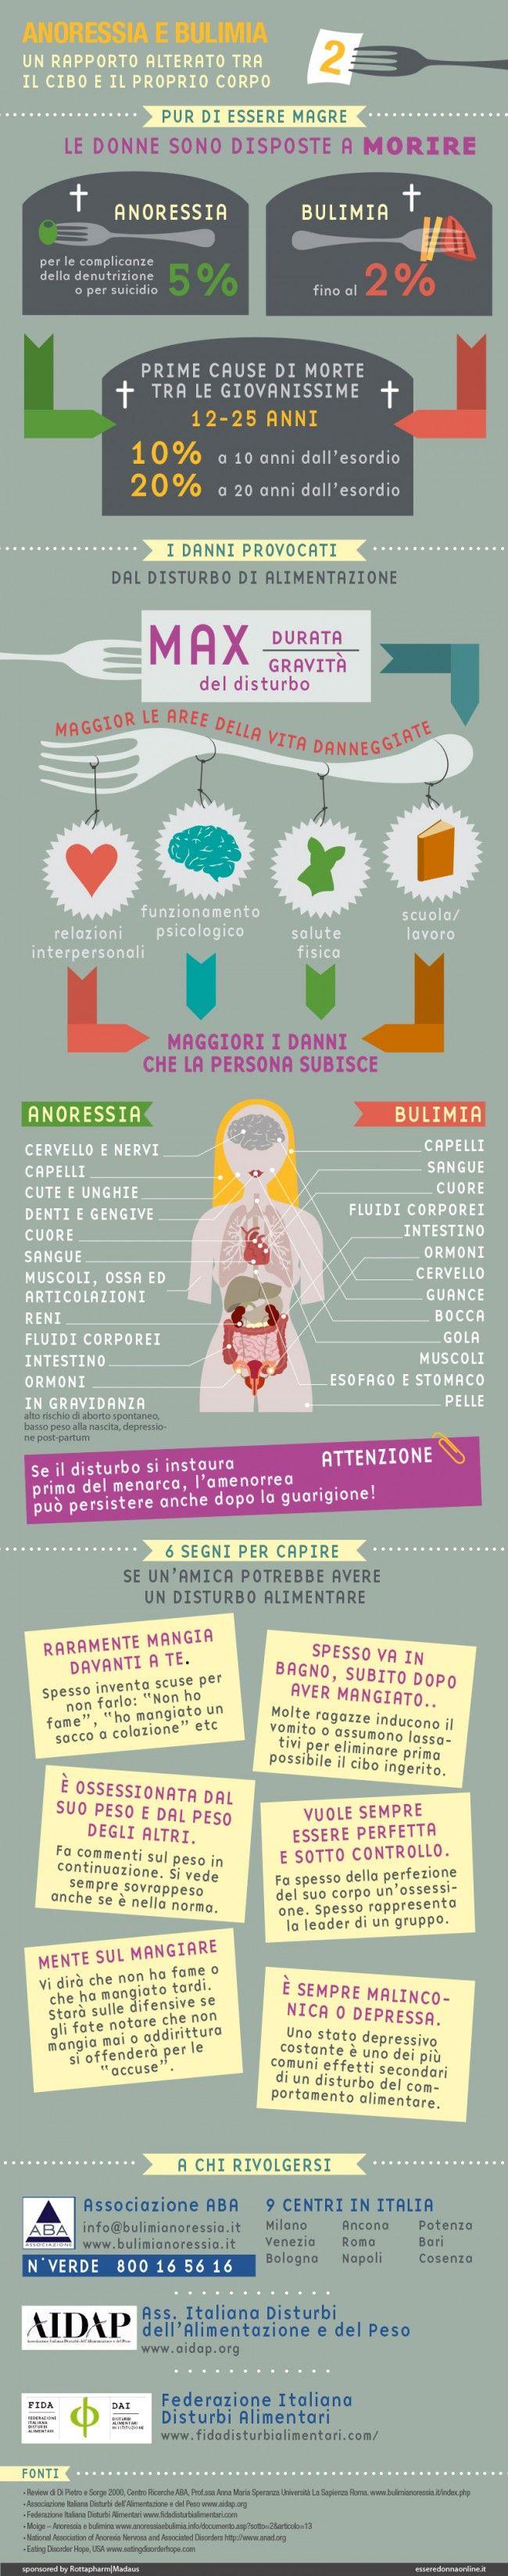 Anoressia e bulimia - Esseredonnaonline by Kleland studio